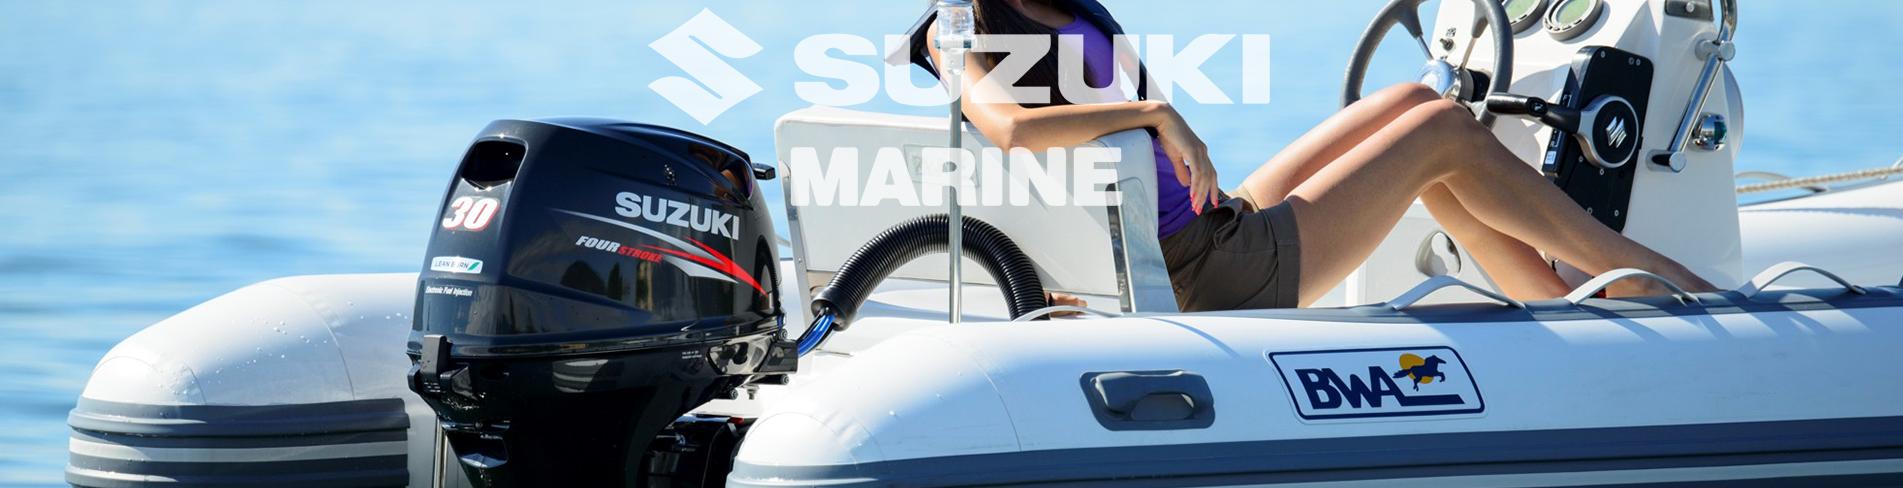 Suzuki Marine Banner